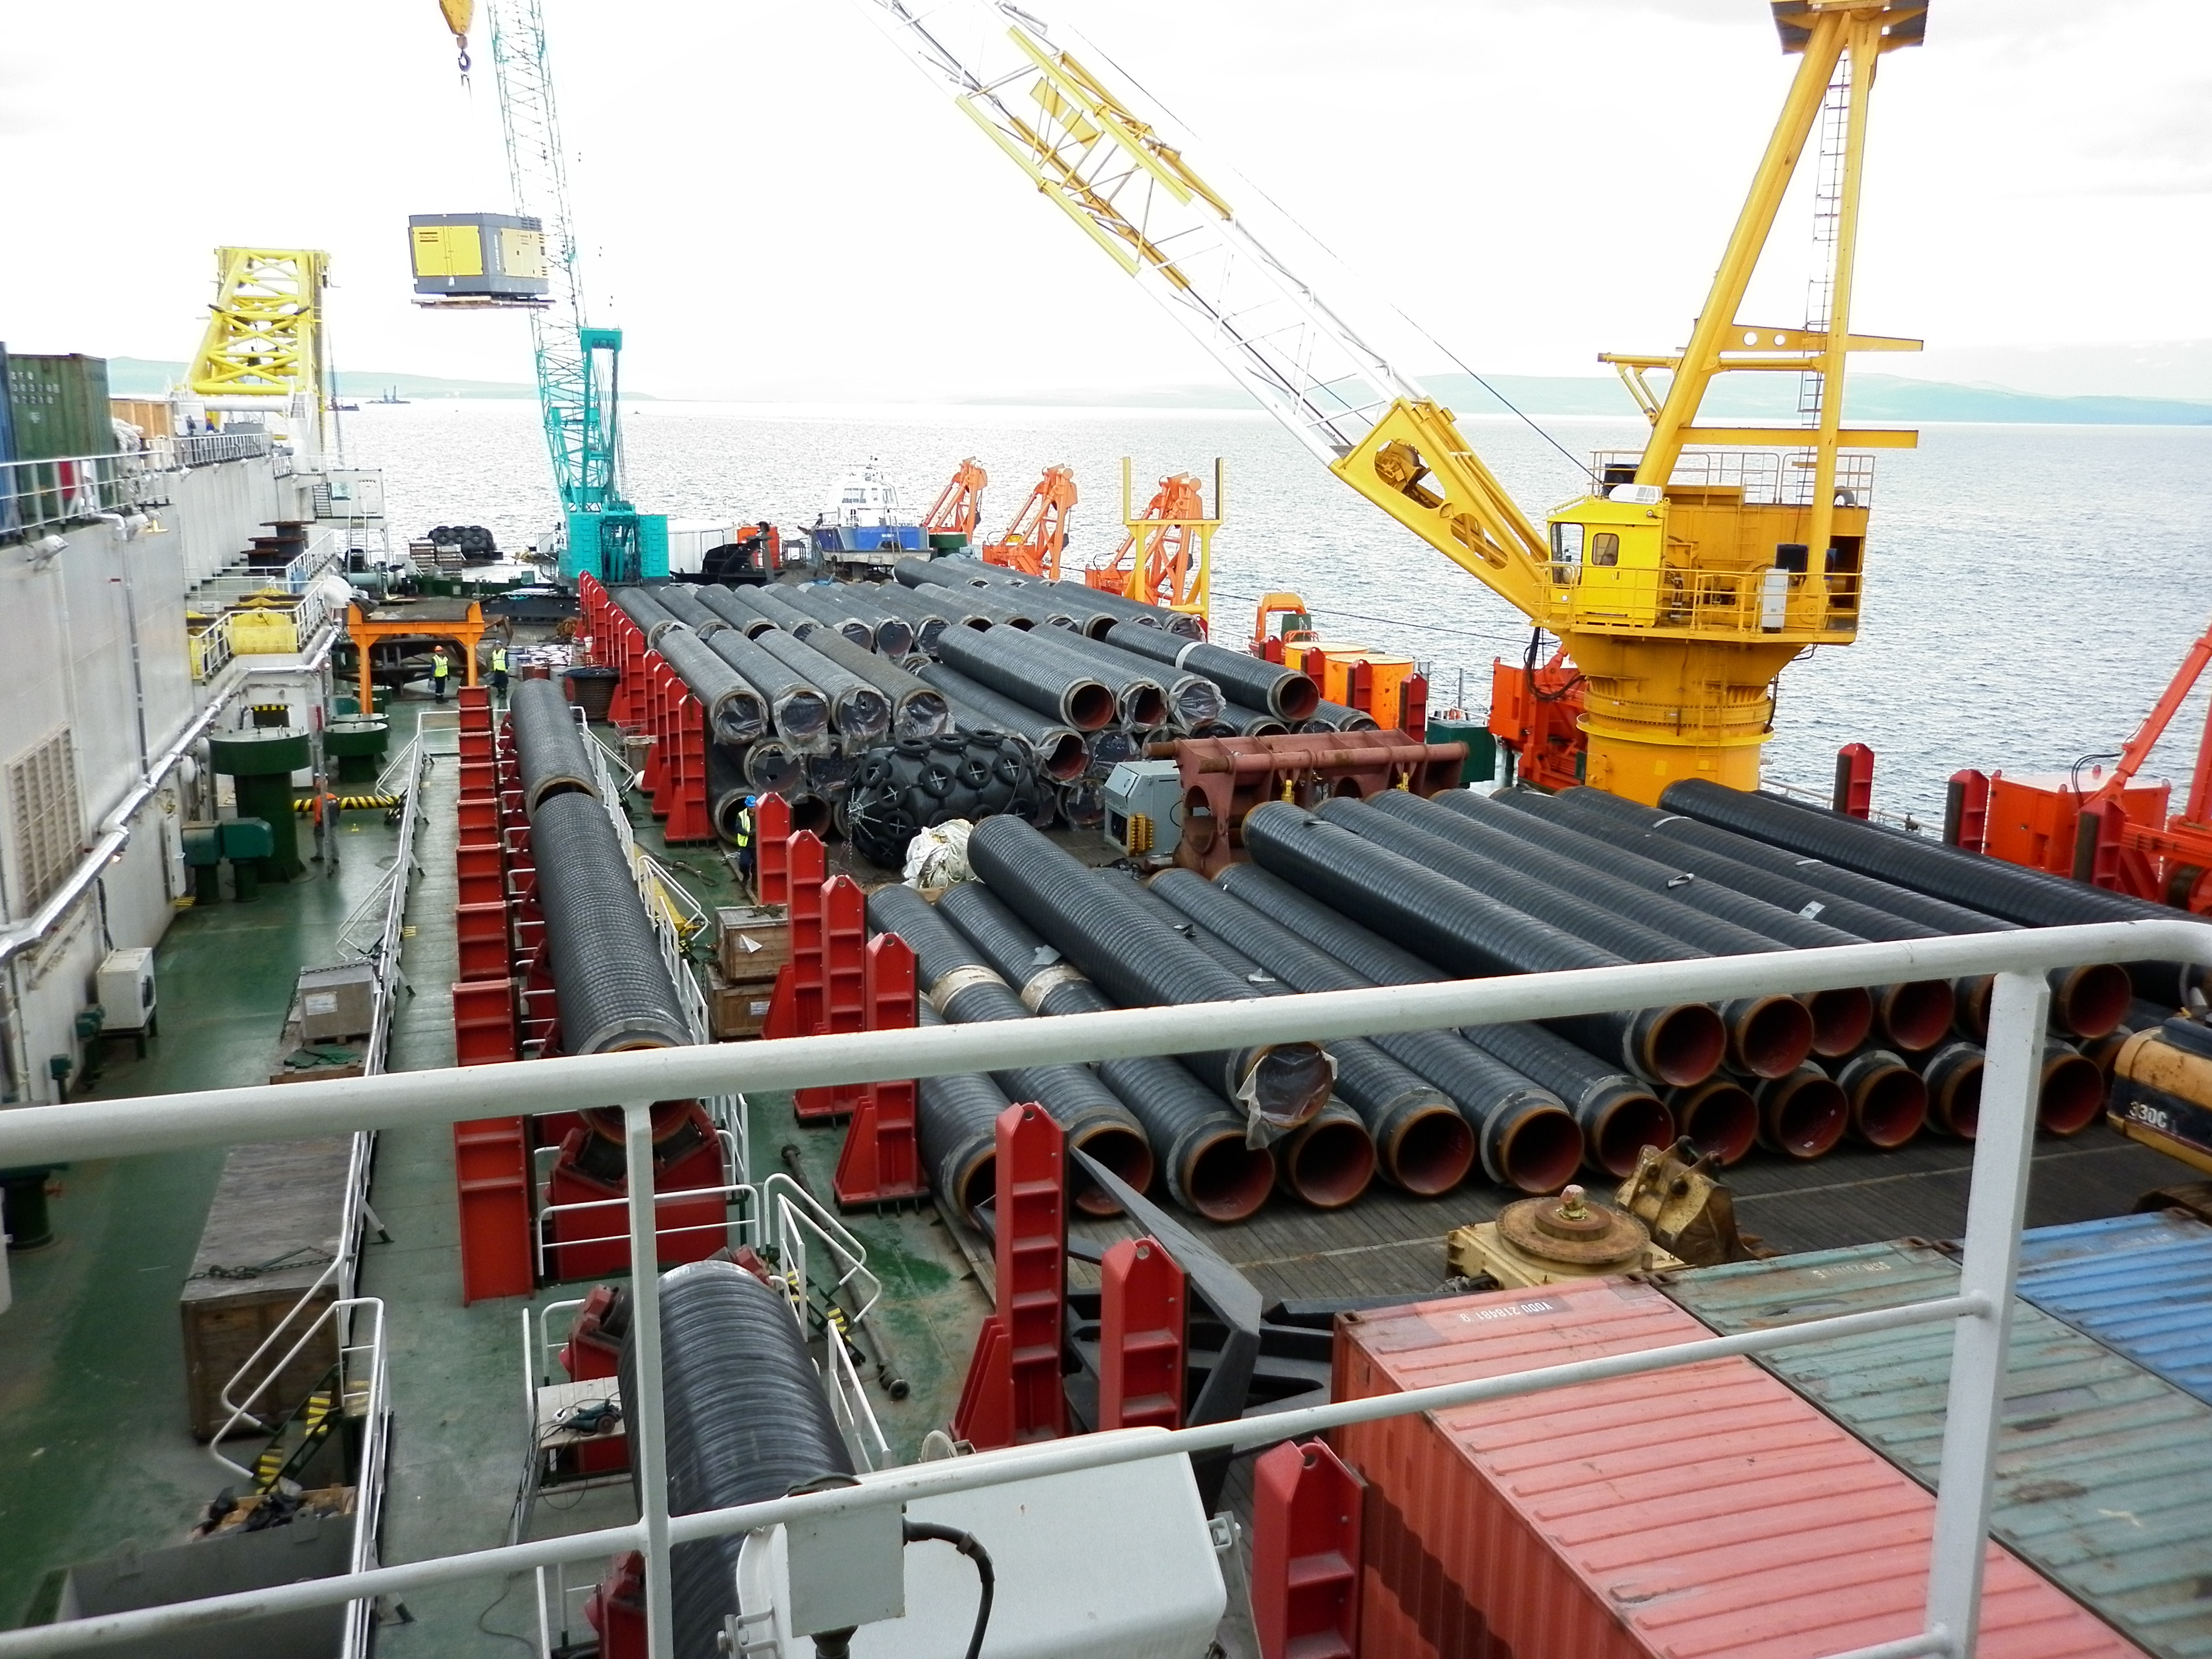 Aż 11 podmiotów chce dostarczyć rury na budowę gazociągu. Fot. Leonid Eremeychuk via Gaz-System